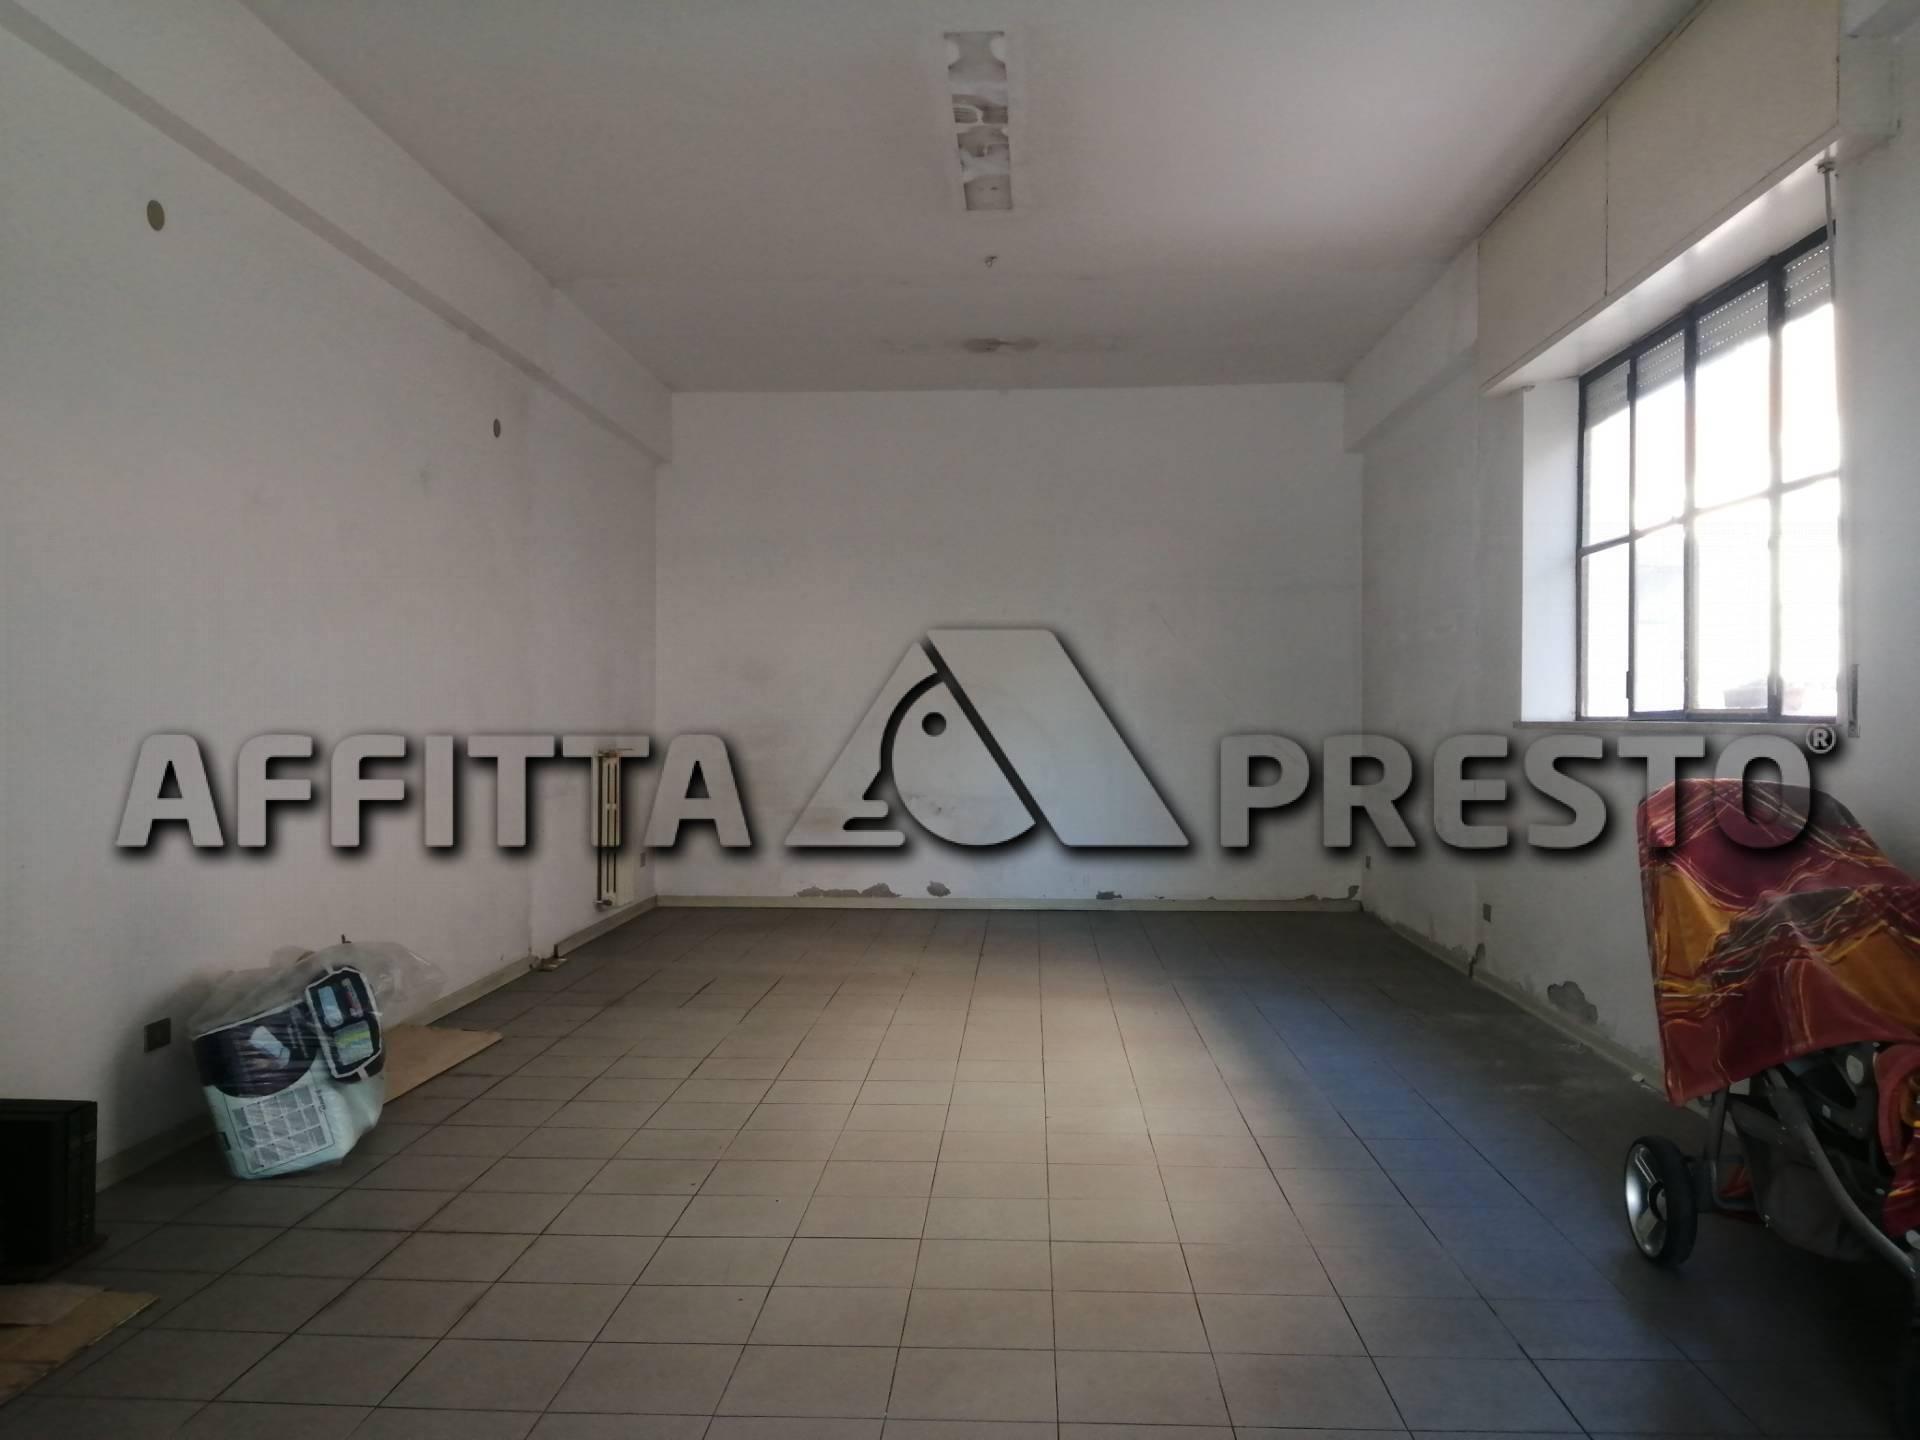 Attività / Licenza in affitto a Ponsacco, 9999 locali, zona Località: Ponsacco, prezzo € 500 | CambioCasa.it